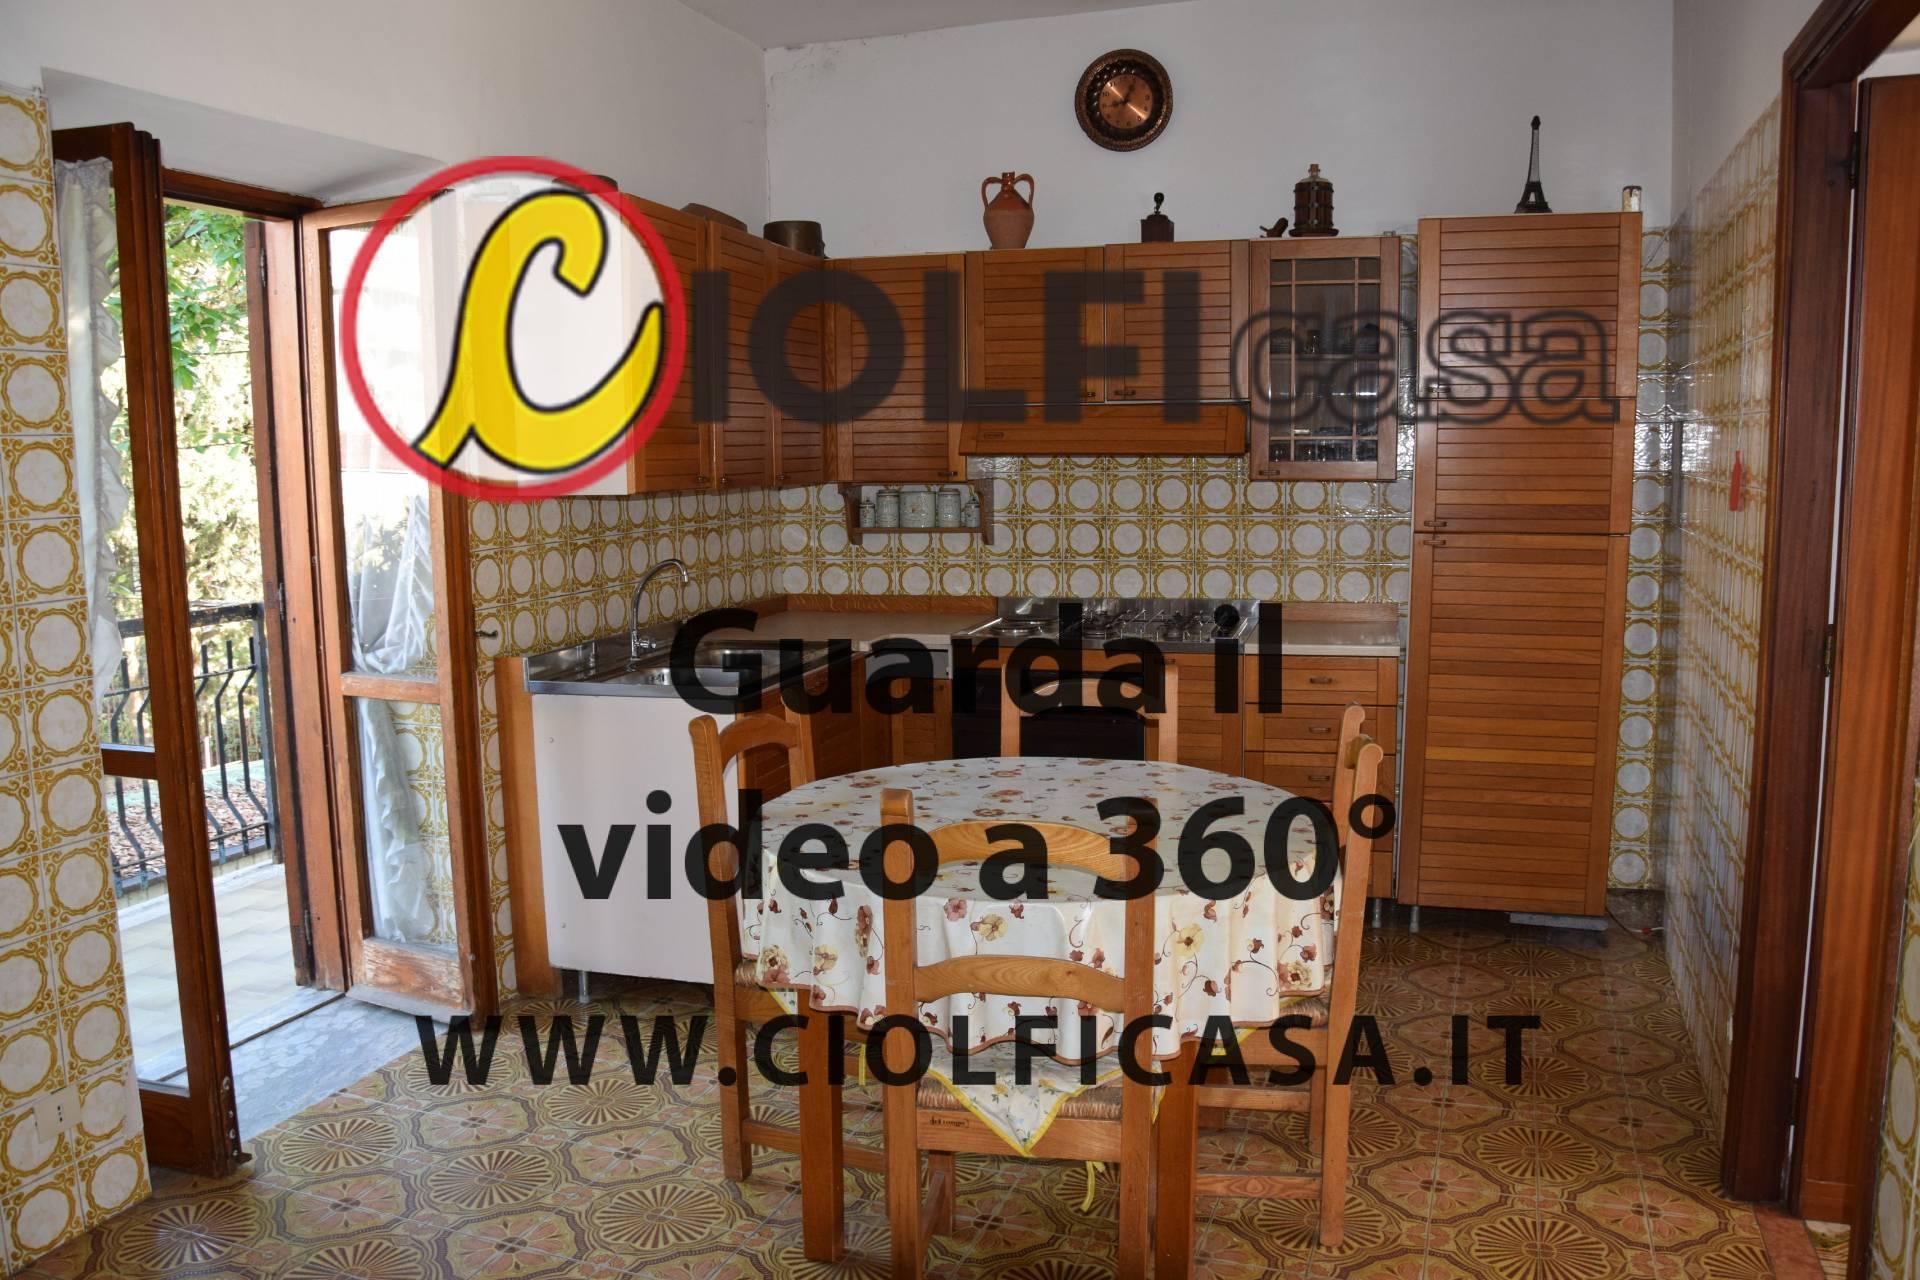 Appartamento in vendita a Cassino, 3 locali, zona Località: SanGiovanni, prezzo € 65.000   CambioCasa.it